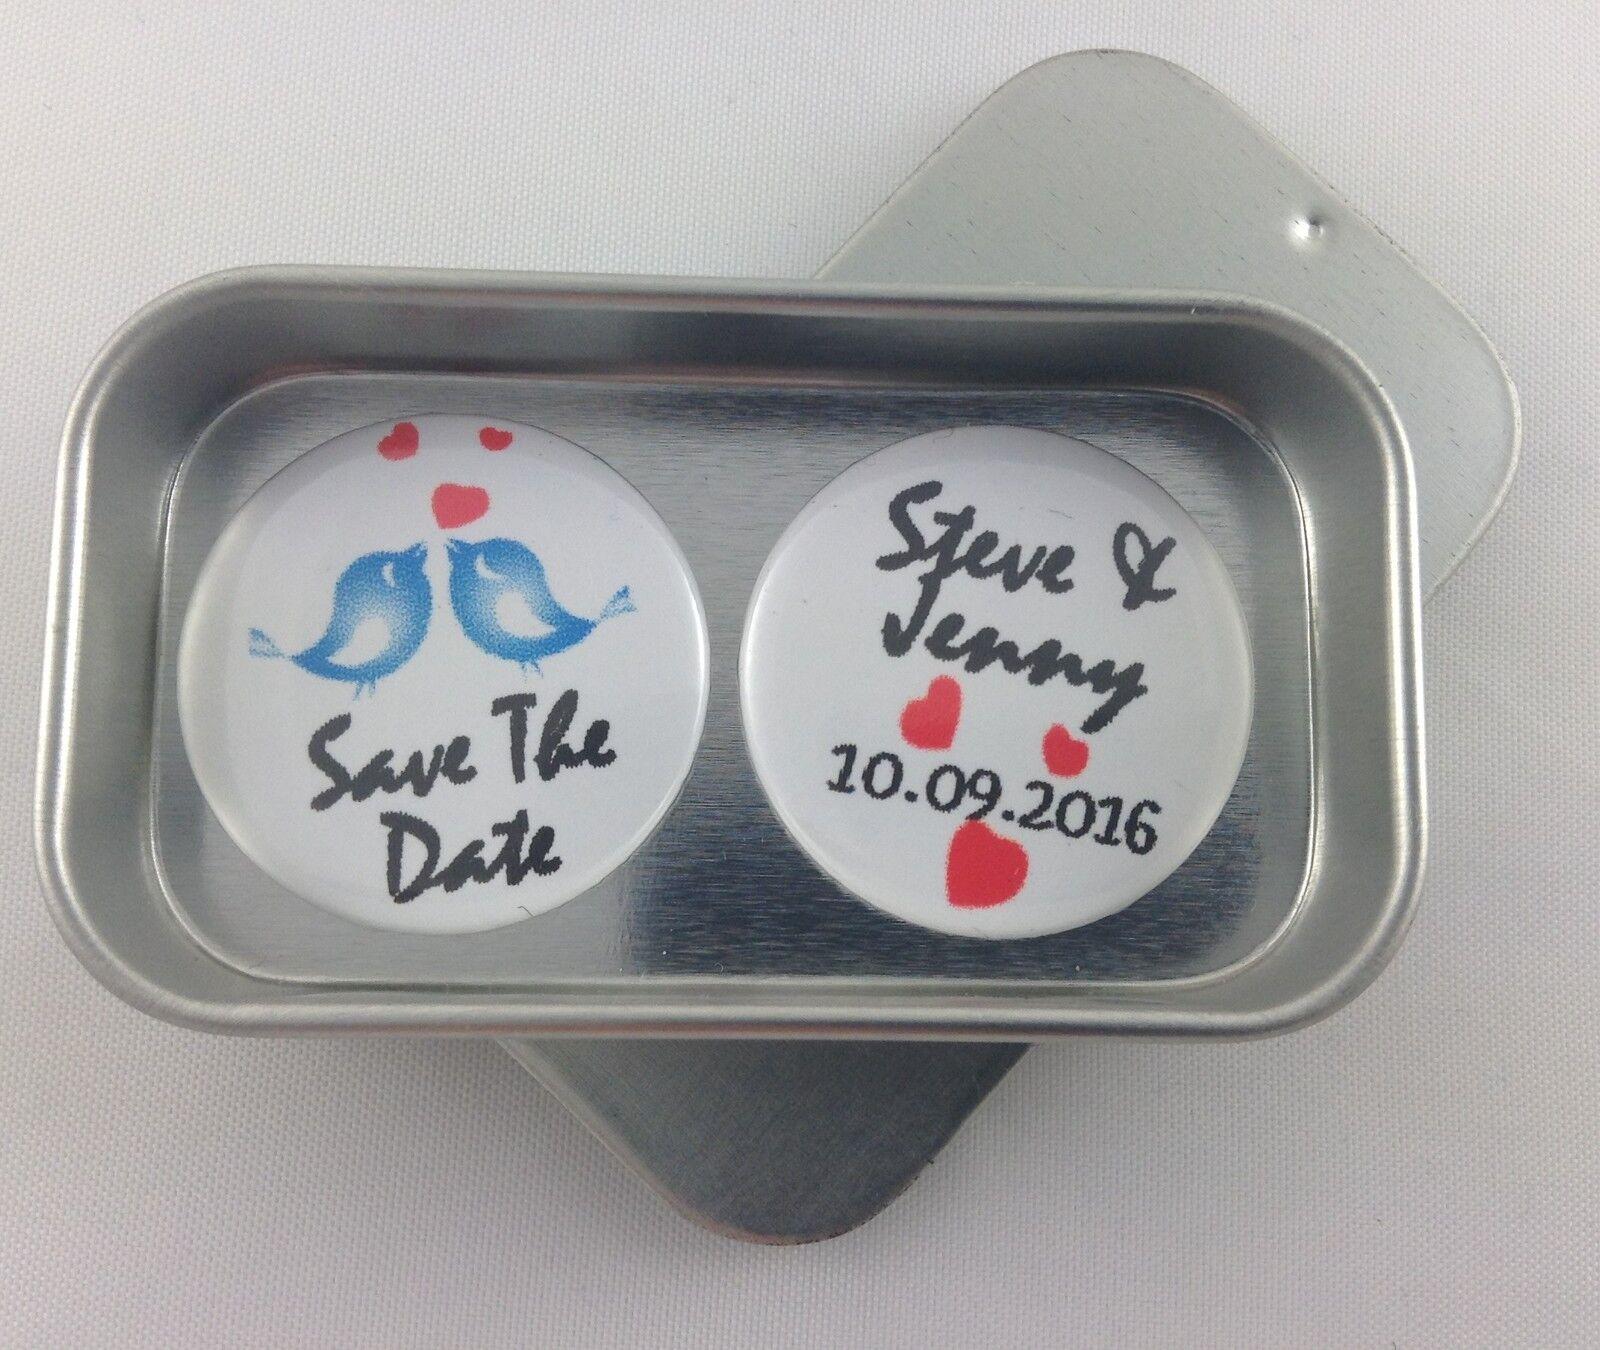 Mariage save the date cadeau aiFemmets, complet avec boîte cadeau, souvenir, moHommes to   Moins Cher